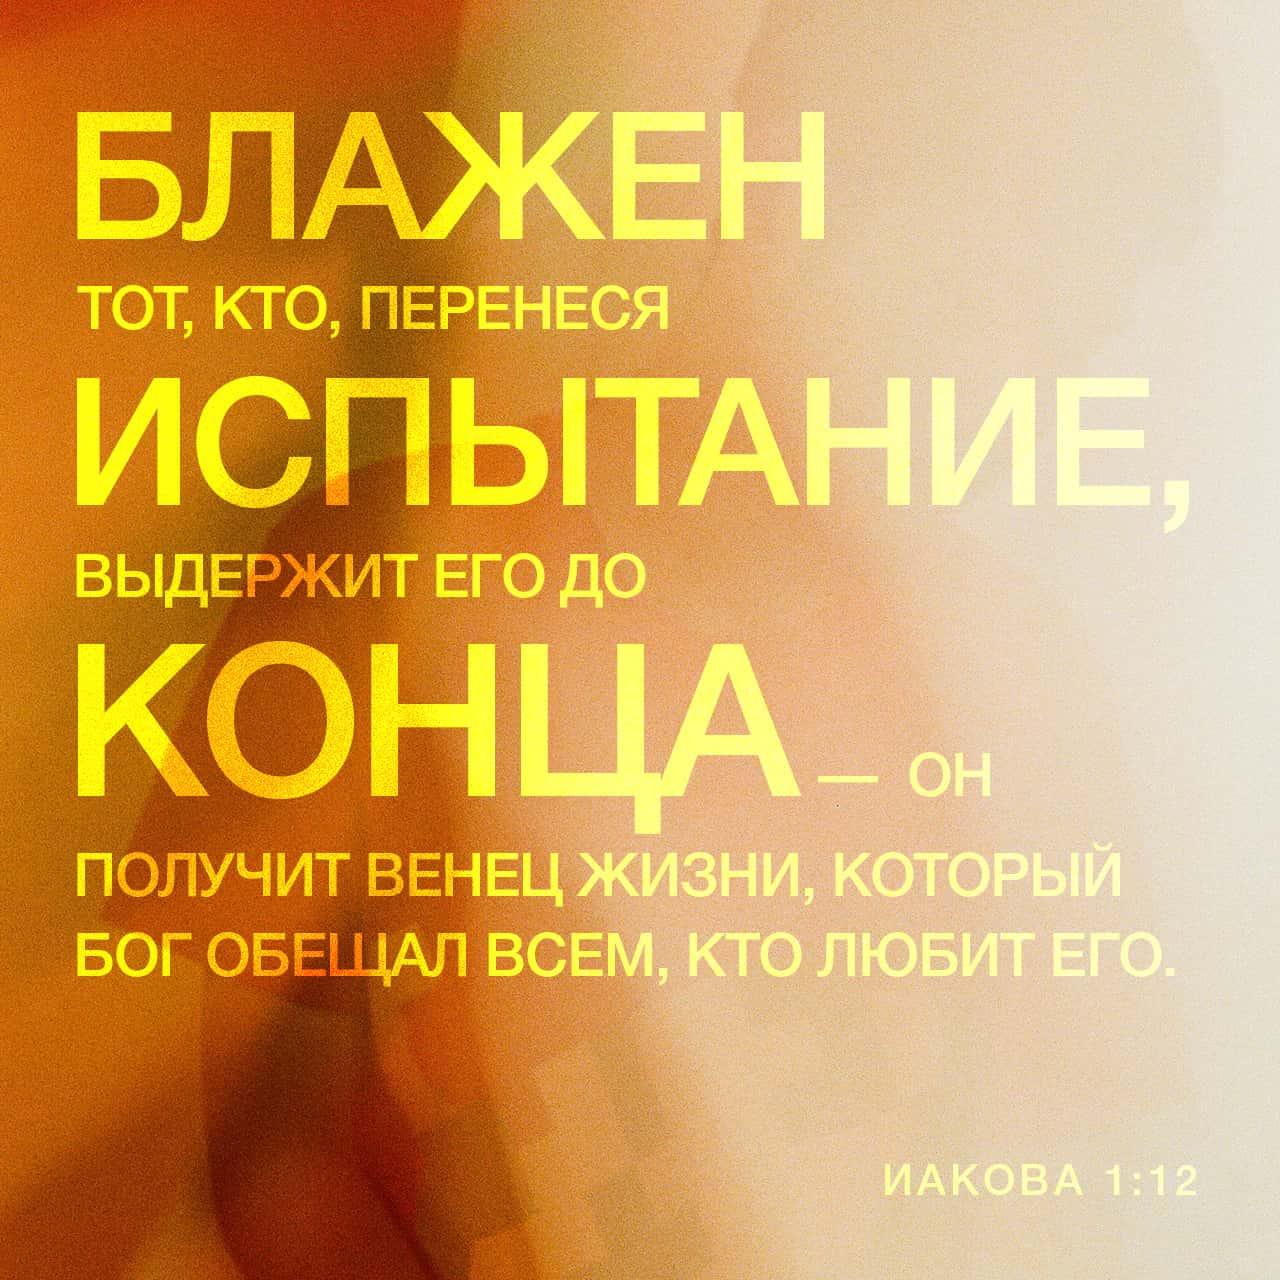 Послание Иакова 1:12-16 Блажен человек, который переносит искушение, потому что, быв испытан, он получит венец жизни, который обещал Господь любящим Его. В искушении никто не говори: Бог меня искушает; потому что Бог не иску | Синодальный перевод (SYNO) | Download The Bible App Now